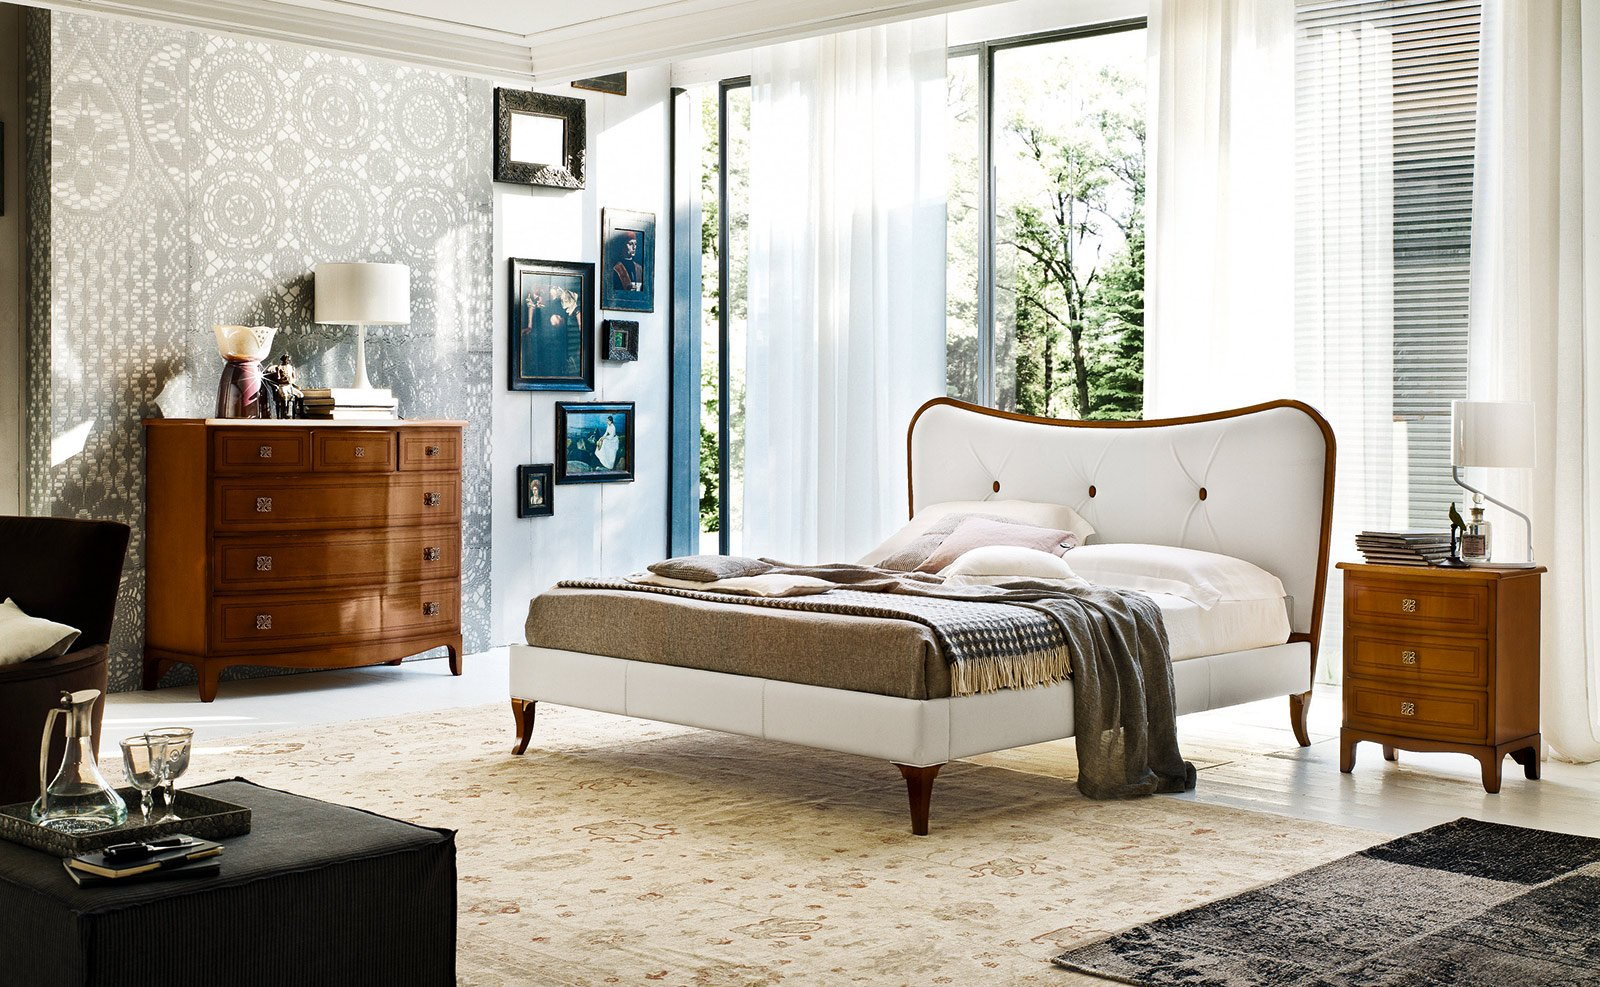 Letti imbottiti capitonn in versione classica cose di casa - Fablier camere da letto ...